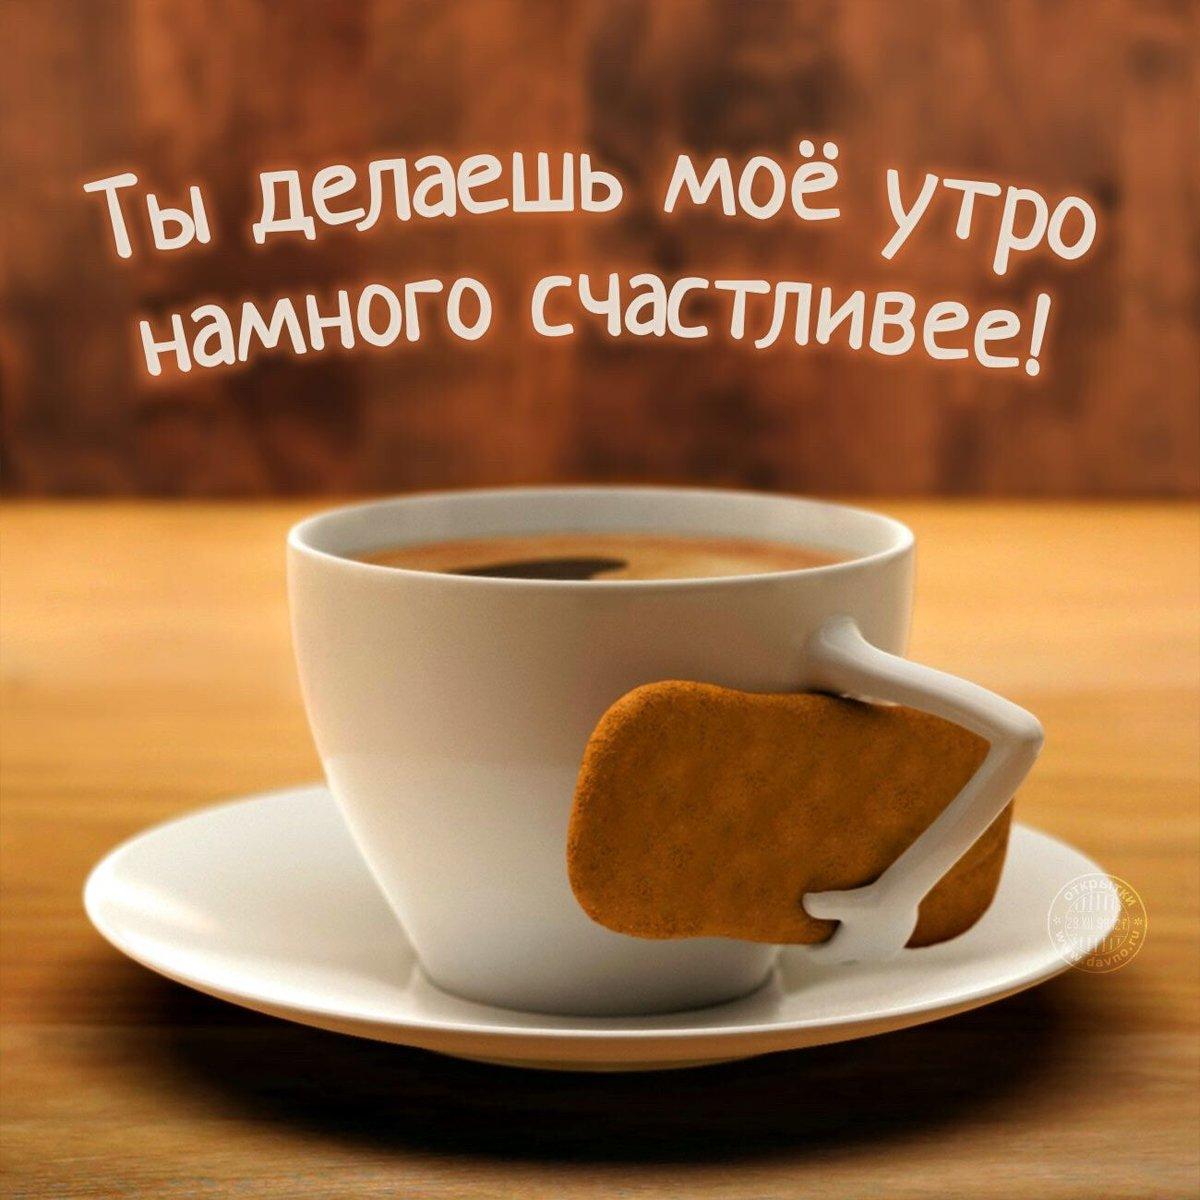 Открытки этот прекрасный кофе, днем рождения английском